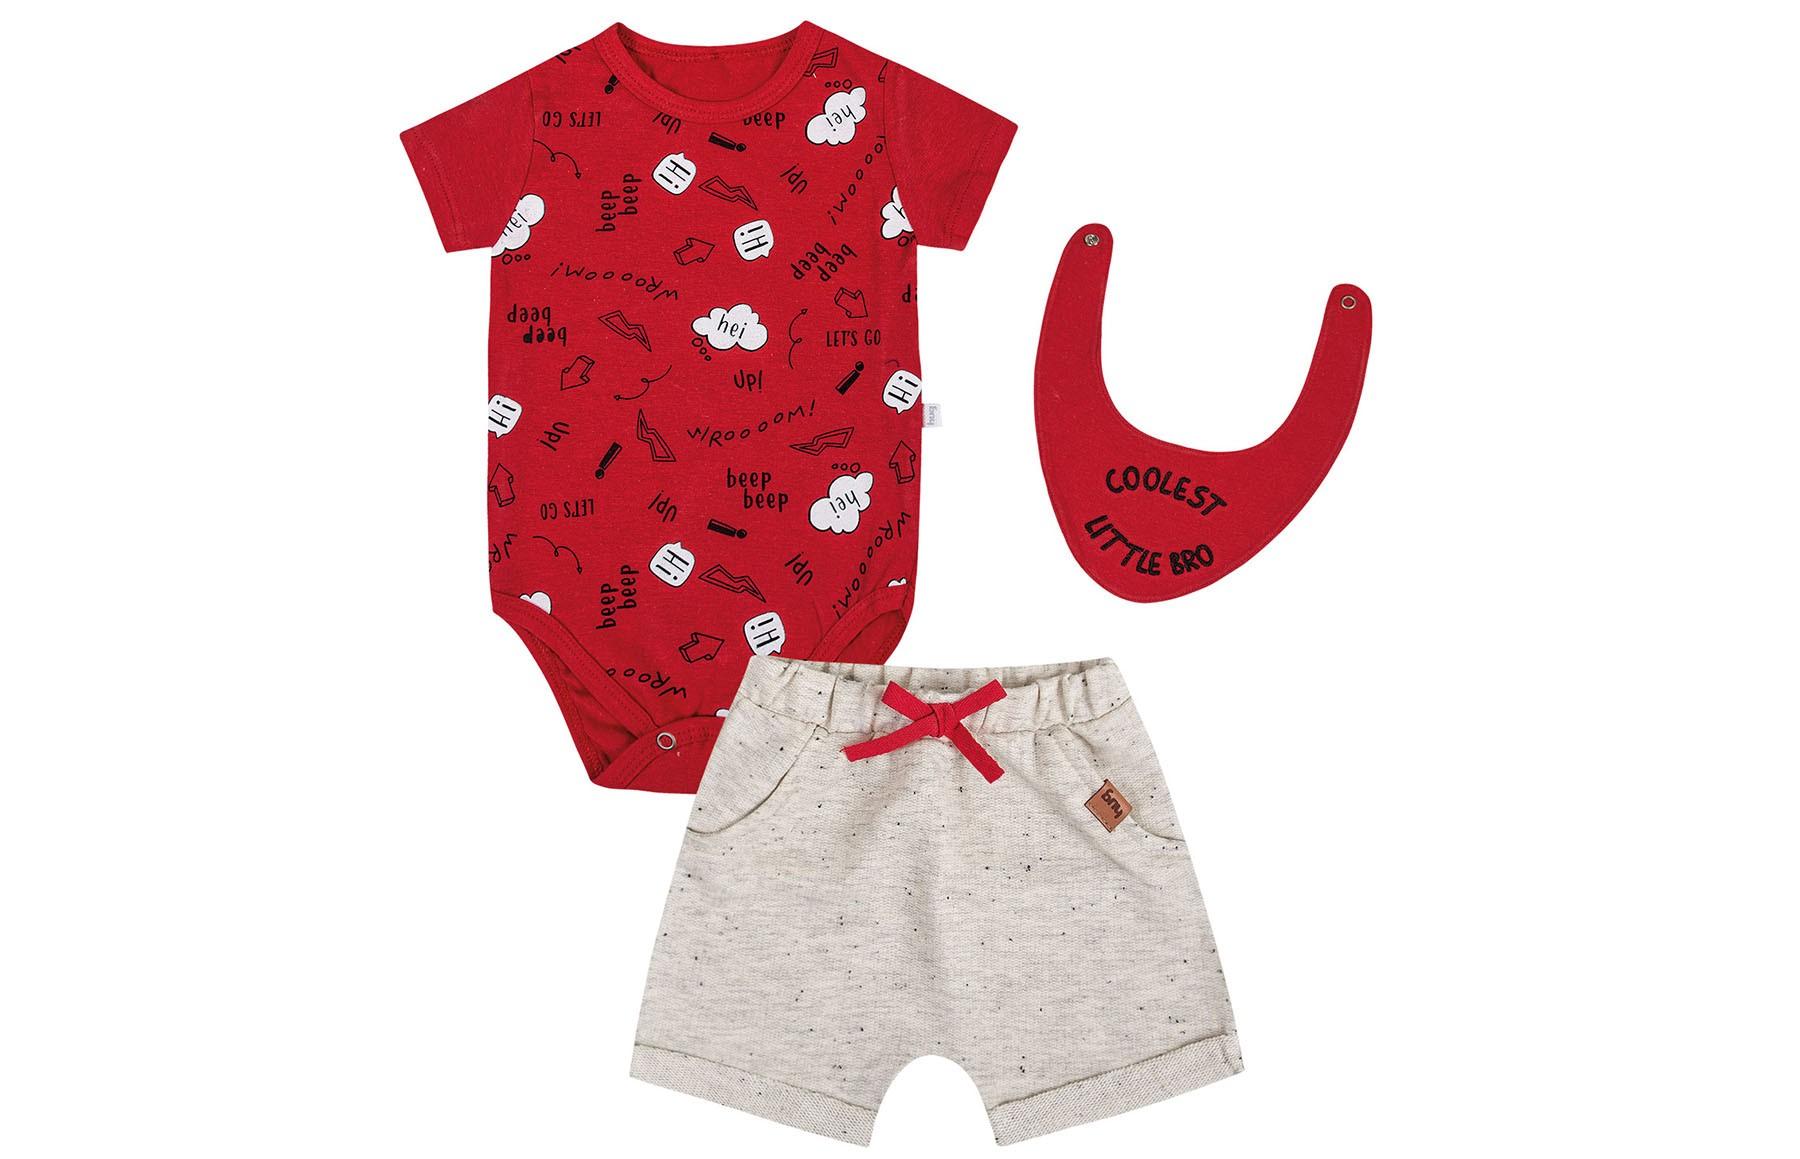 Conjunto Body mg Curto + Shorts + Bandana - Vermelho